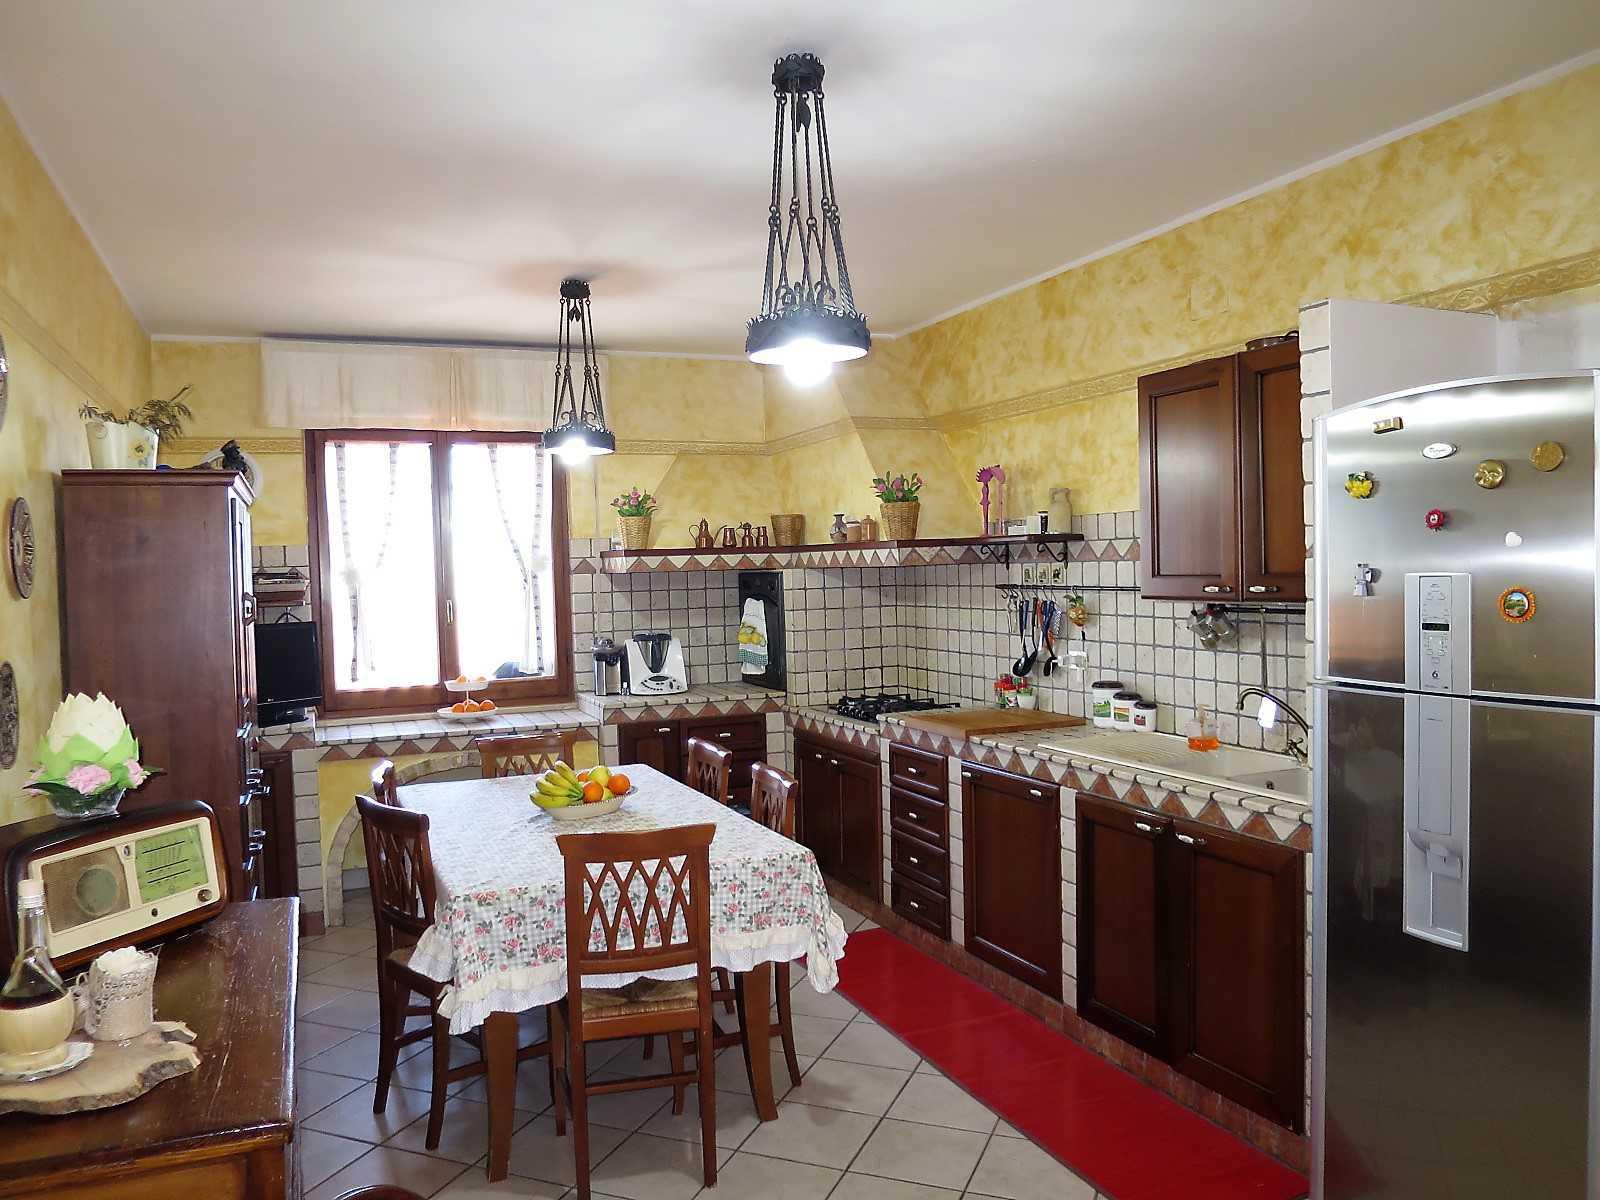 Villa Villa in vendita Notaresco (TE), Villa Vigneto - Notaresco - EUR 382.044 370